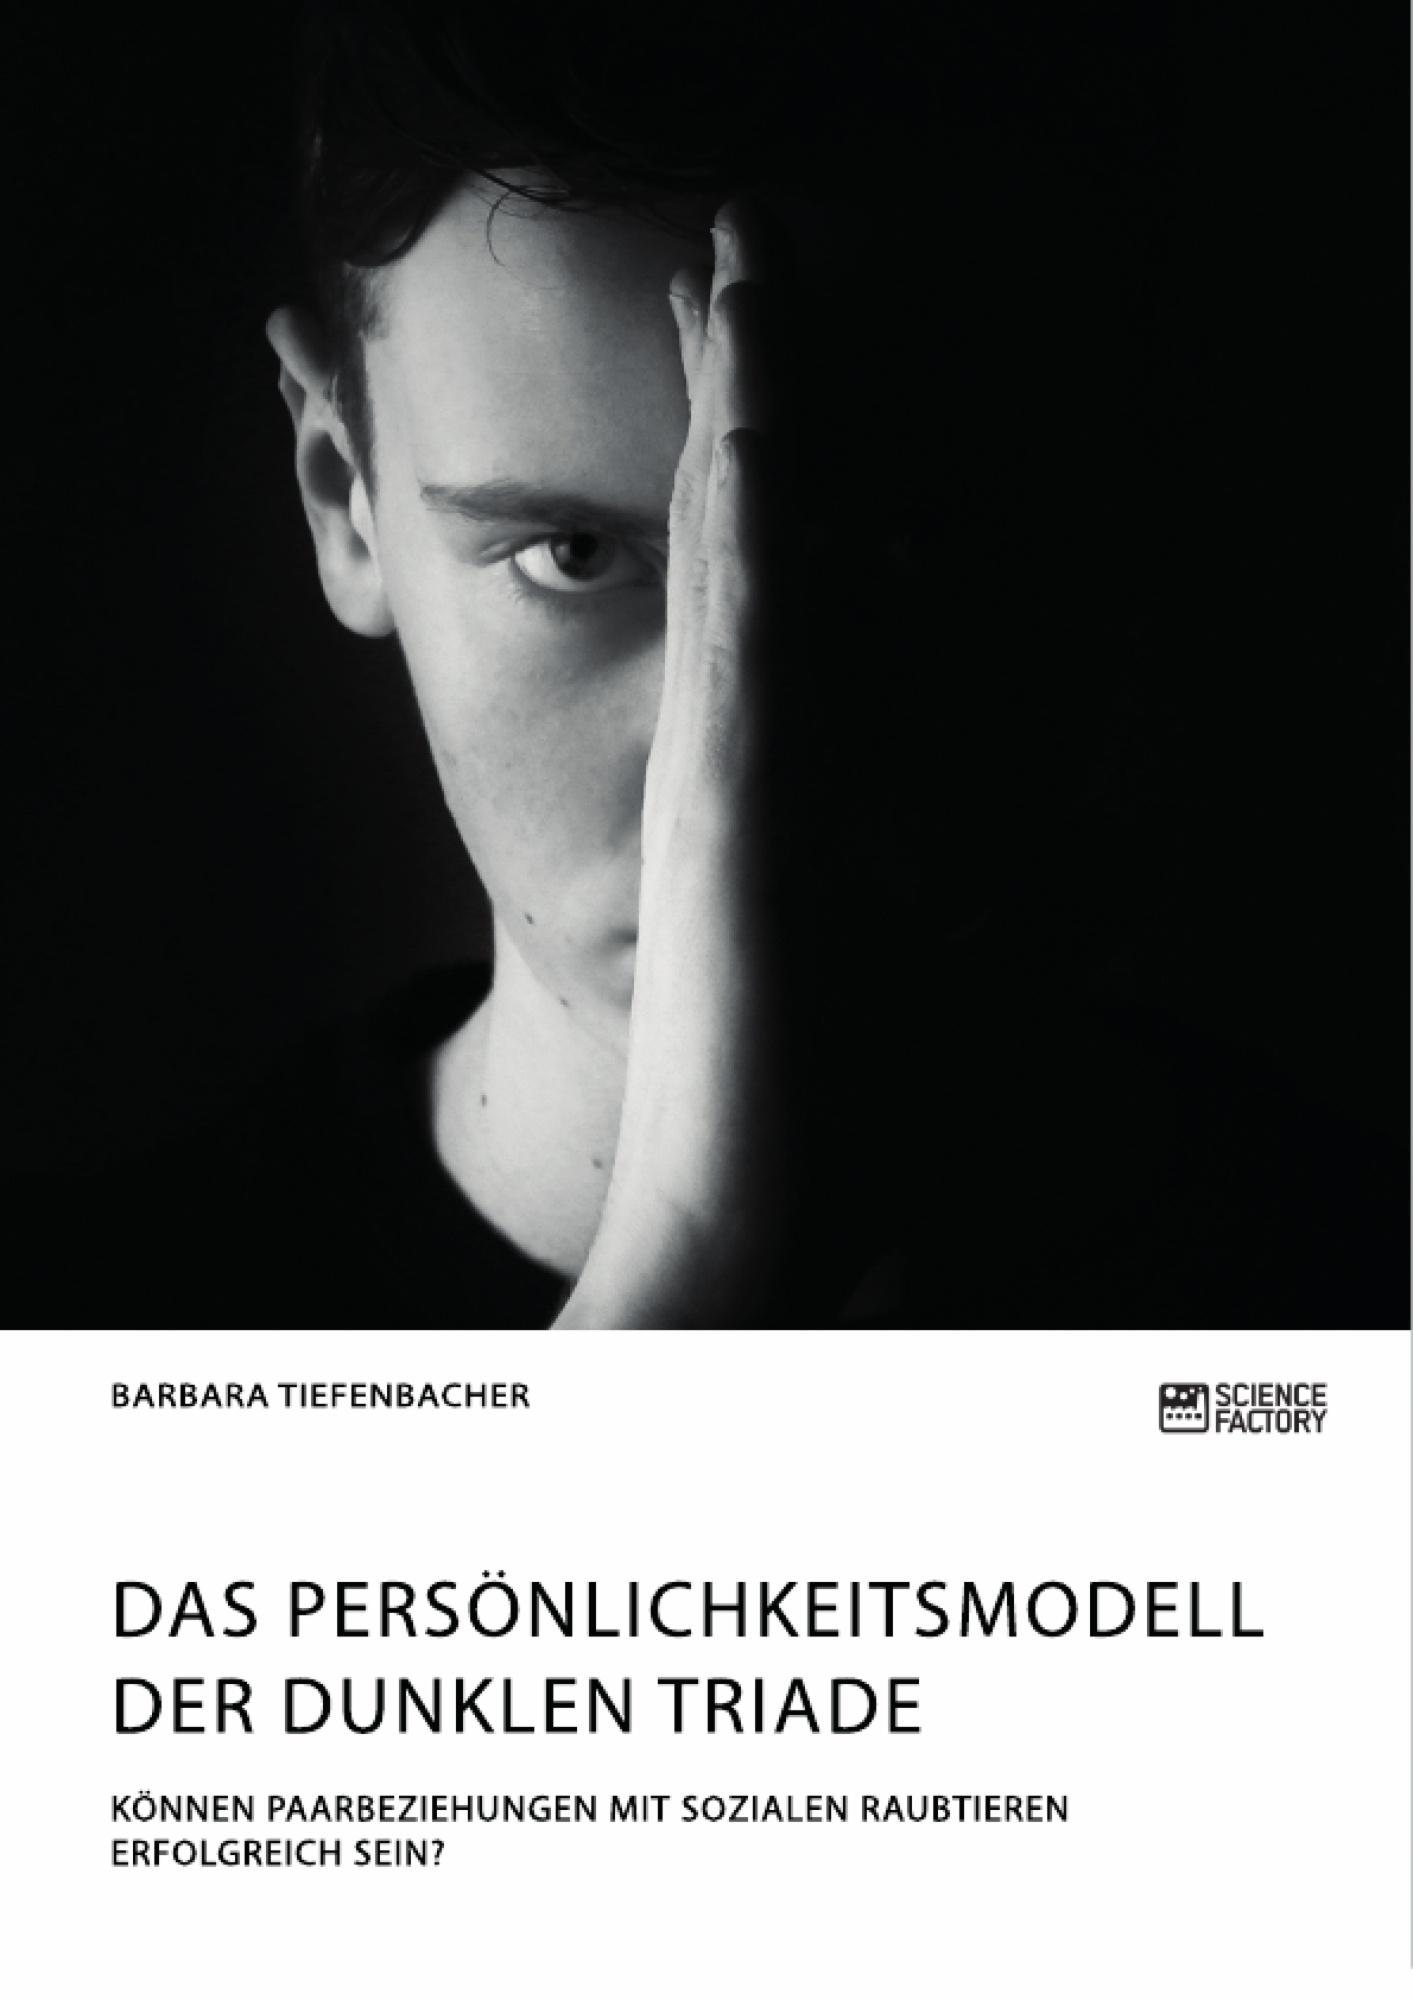 Titel: Das Persönlichkeitsmodell der dunklen Triade. Können Paarbeziehungen mit sozialen Raubtieren erfolgreich sein?